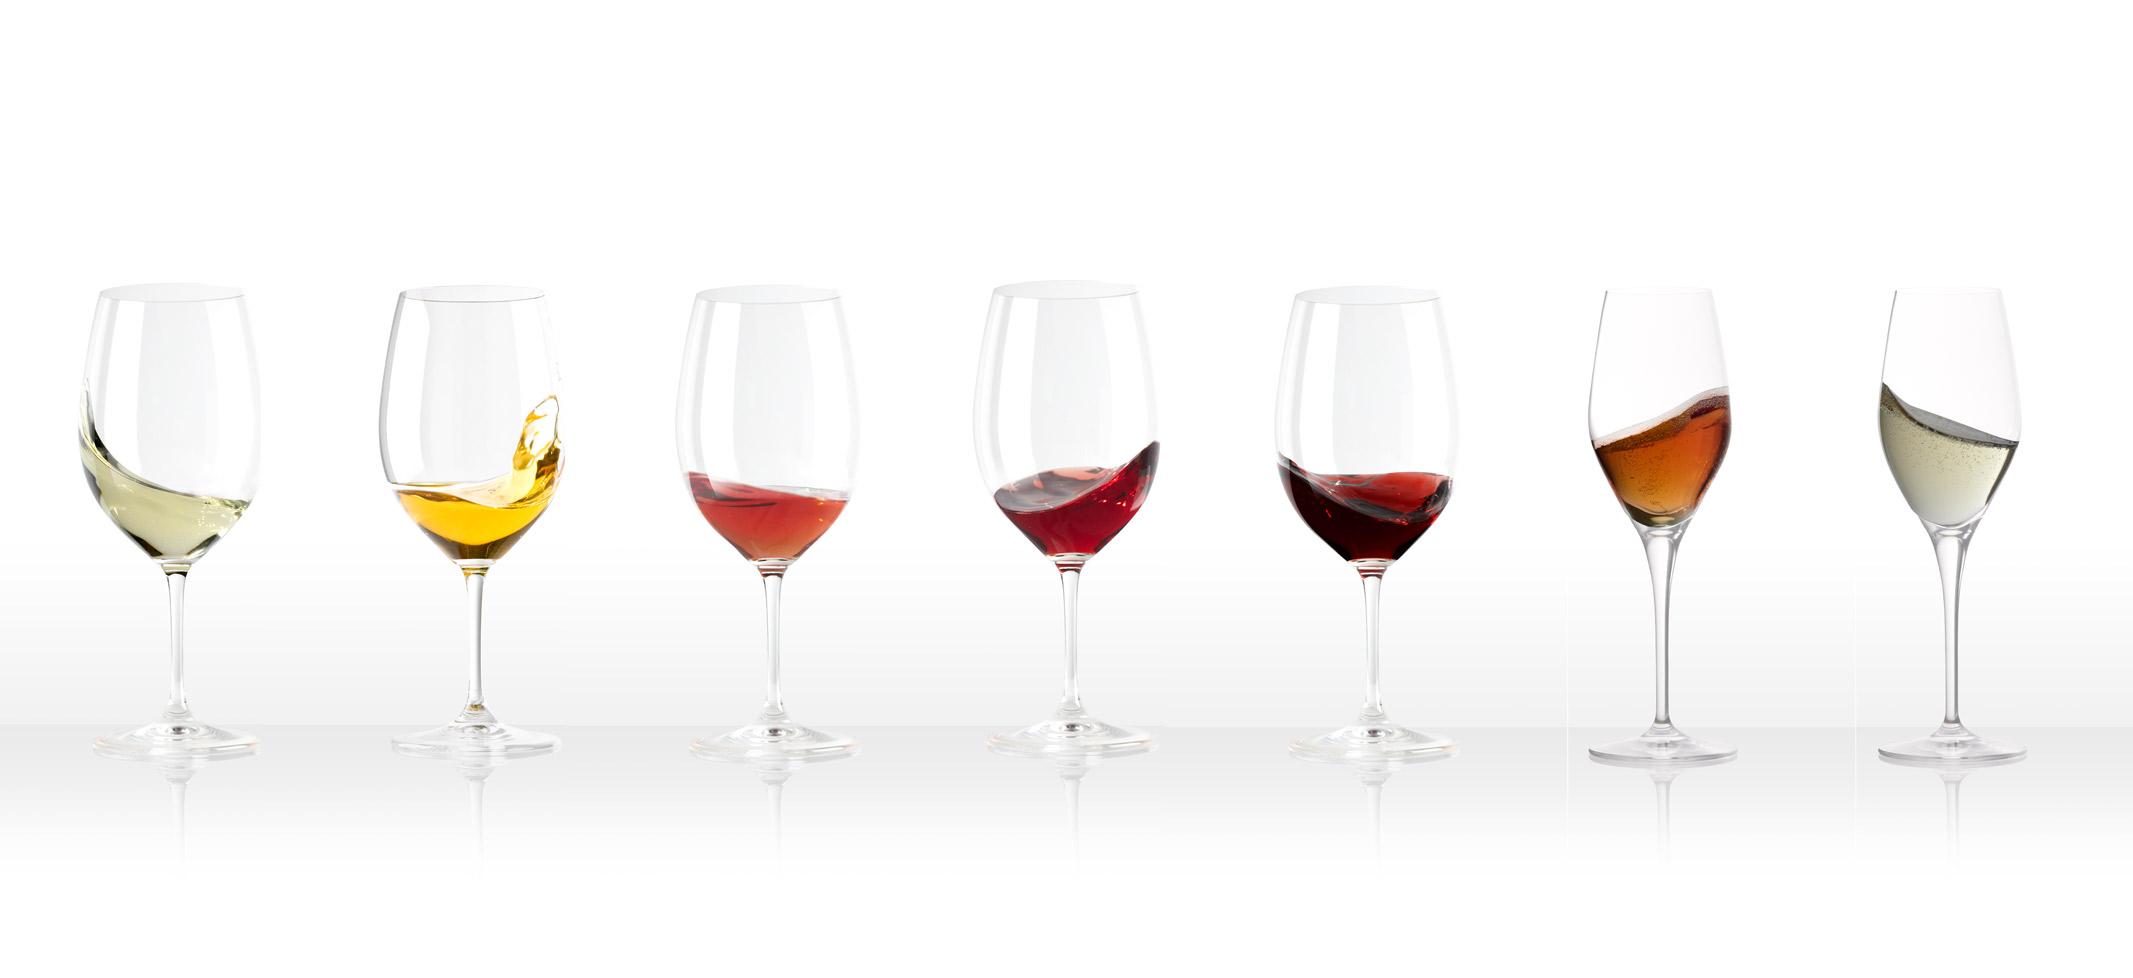 Appellation vin : Mes meilleurs conseils afin de vous conseiller sur les appellations vin